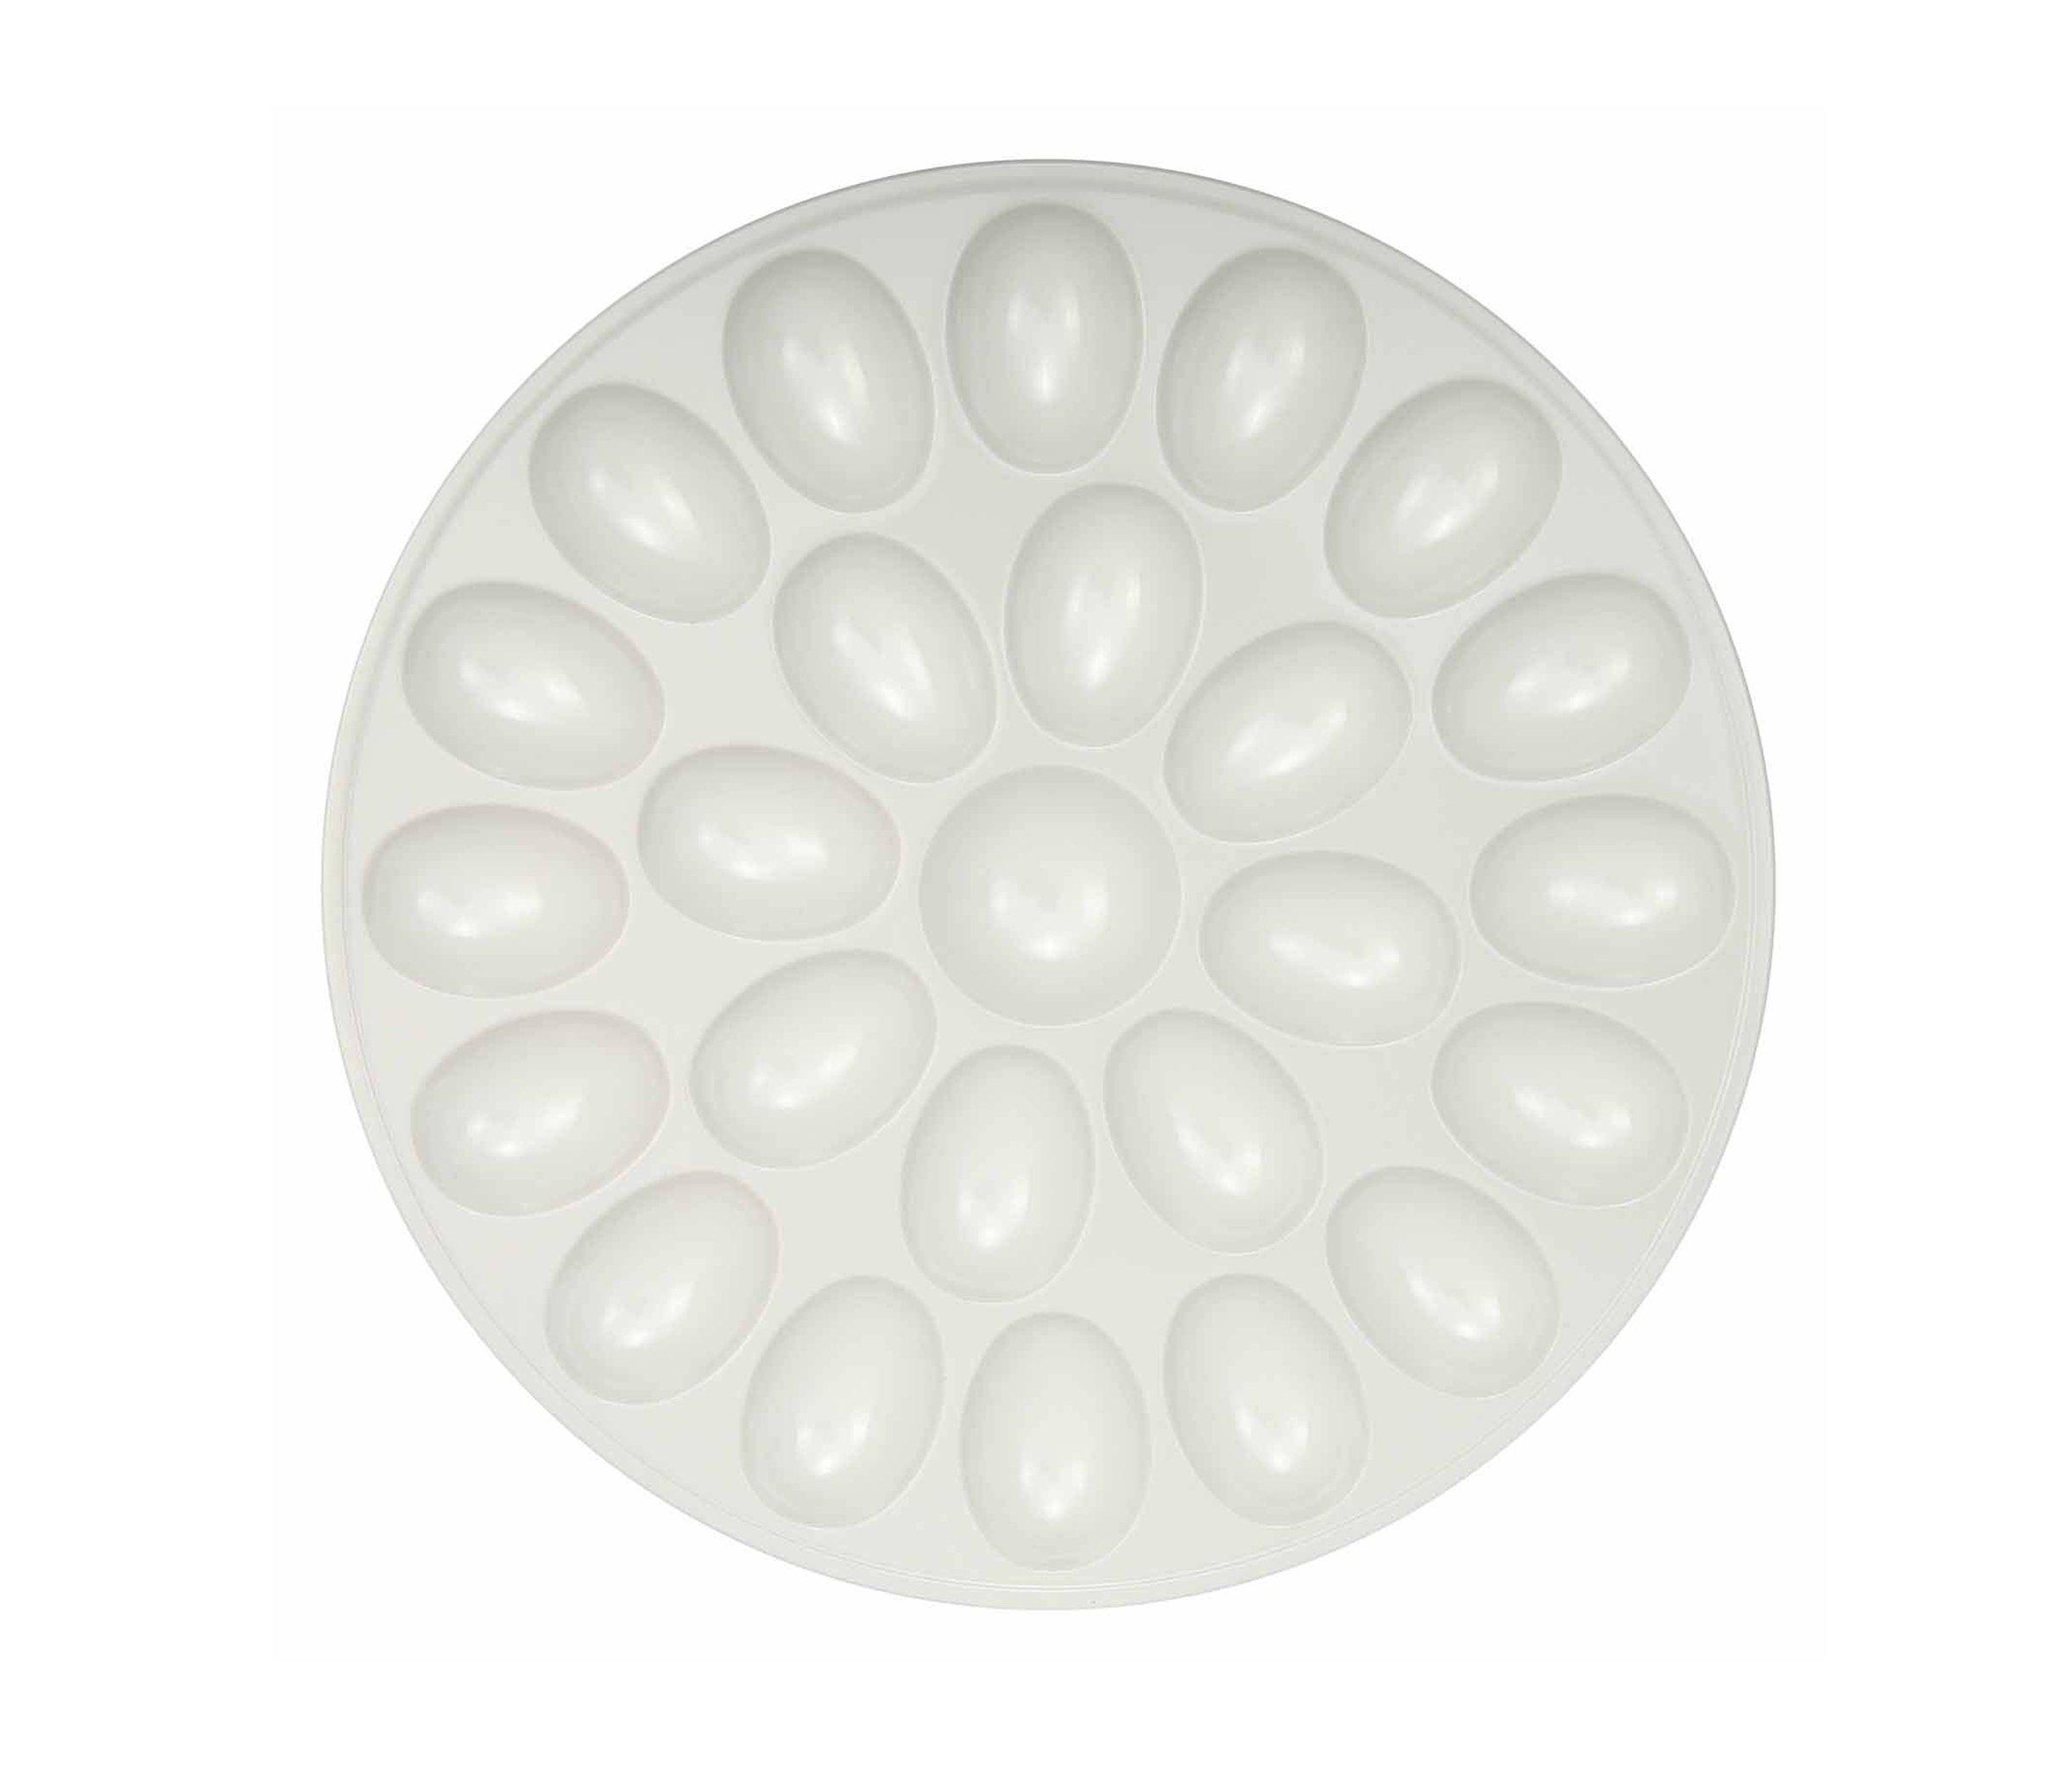 Mozlly Multipack - Zak Design White Deviled 24 Egg Tray - 12 inch diameter - Break Resistant - Serveware (Pack of 12) - Item #S139008_X12